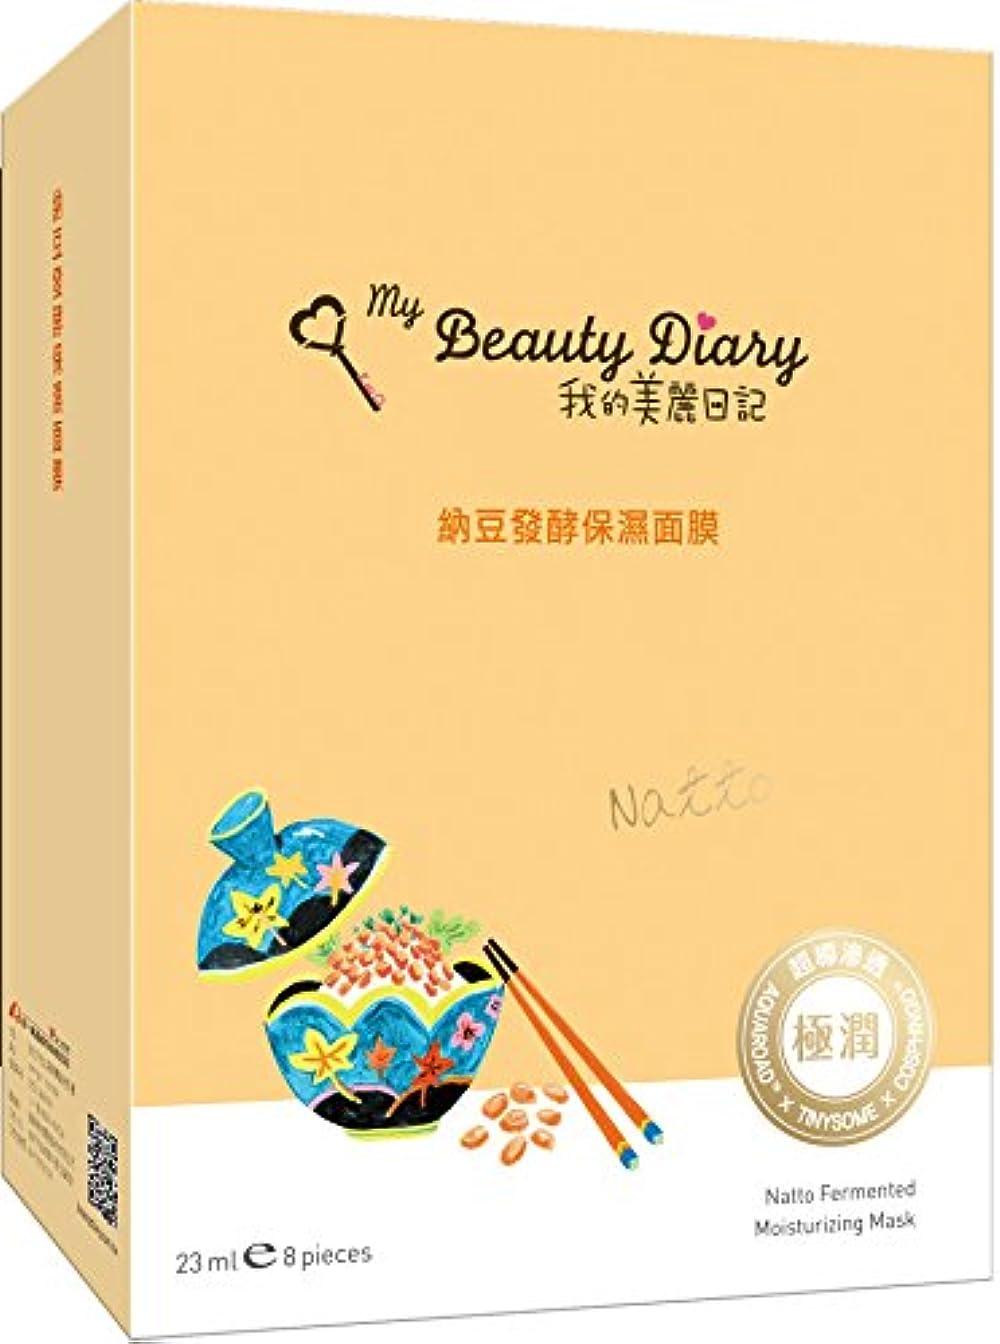 入場識字リーダーシップ《我的美麗日記》 私のきれい日記 納豆マスク 8枚入り 《台湾 お土産》 [並行輸入品]